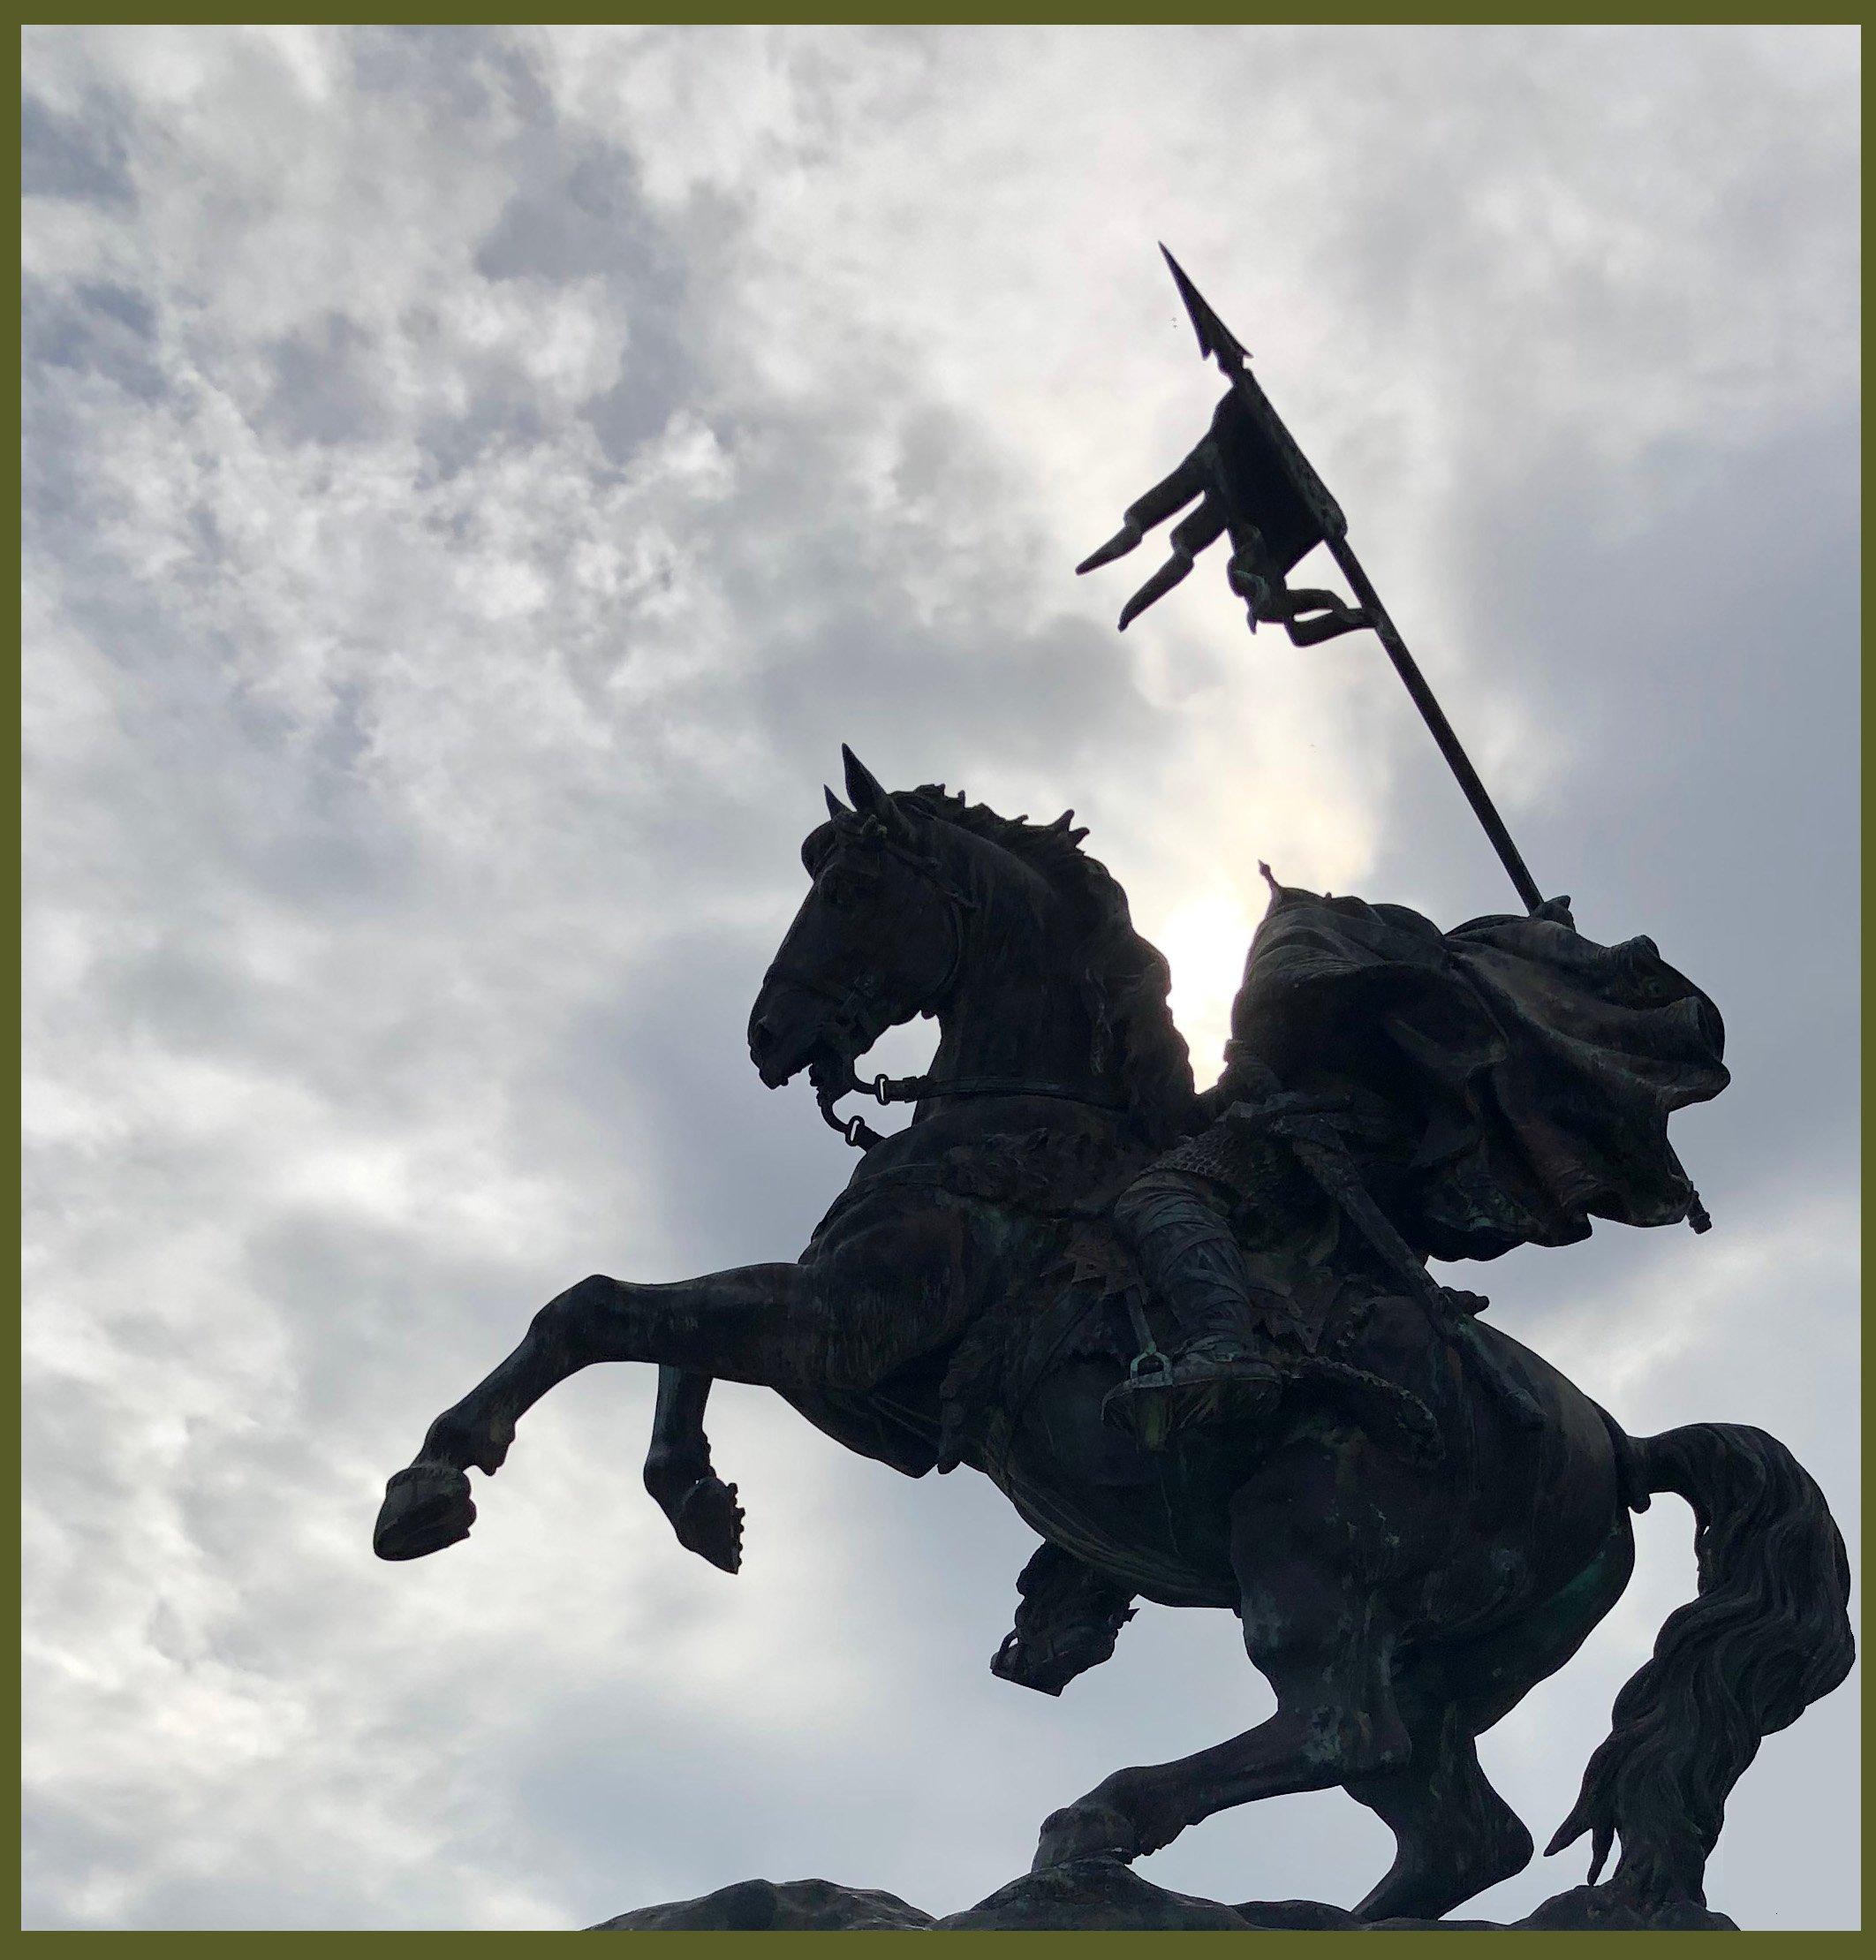 Falaise William the Conqueror